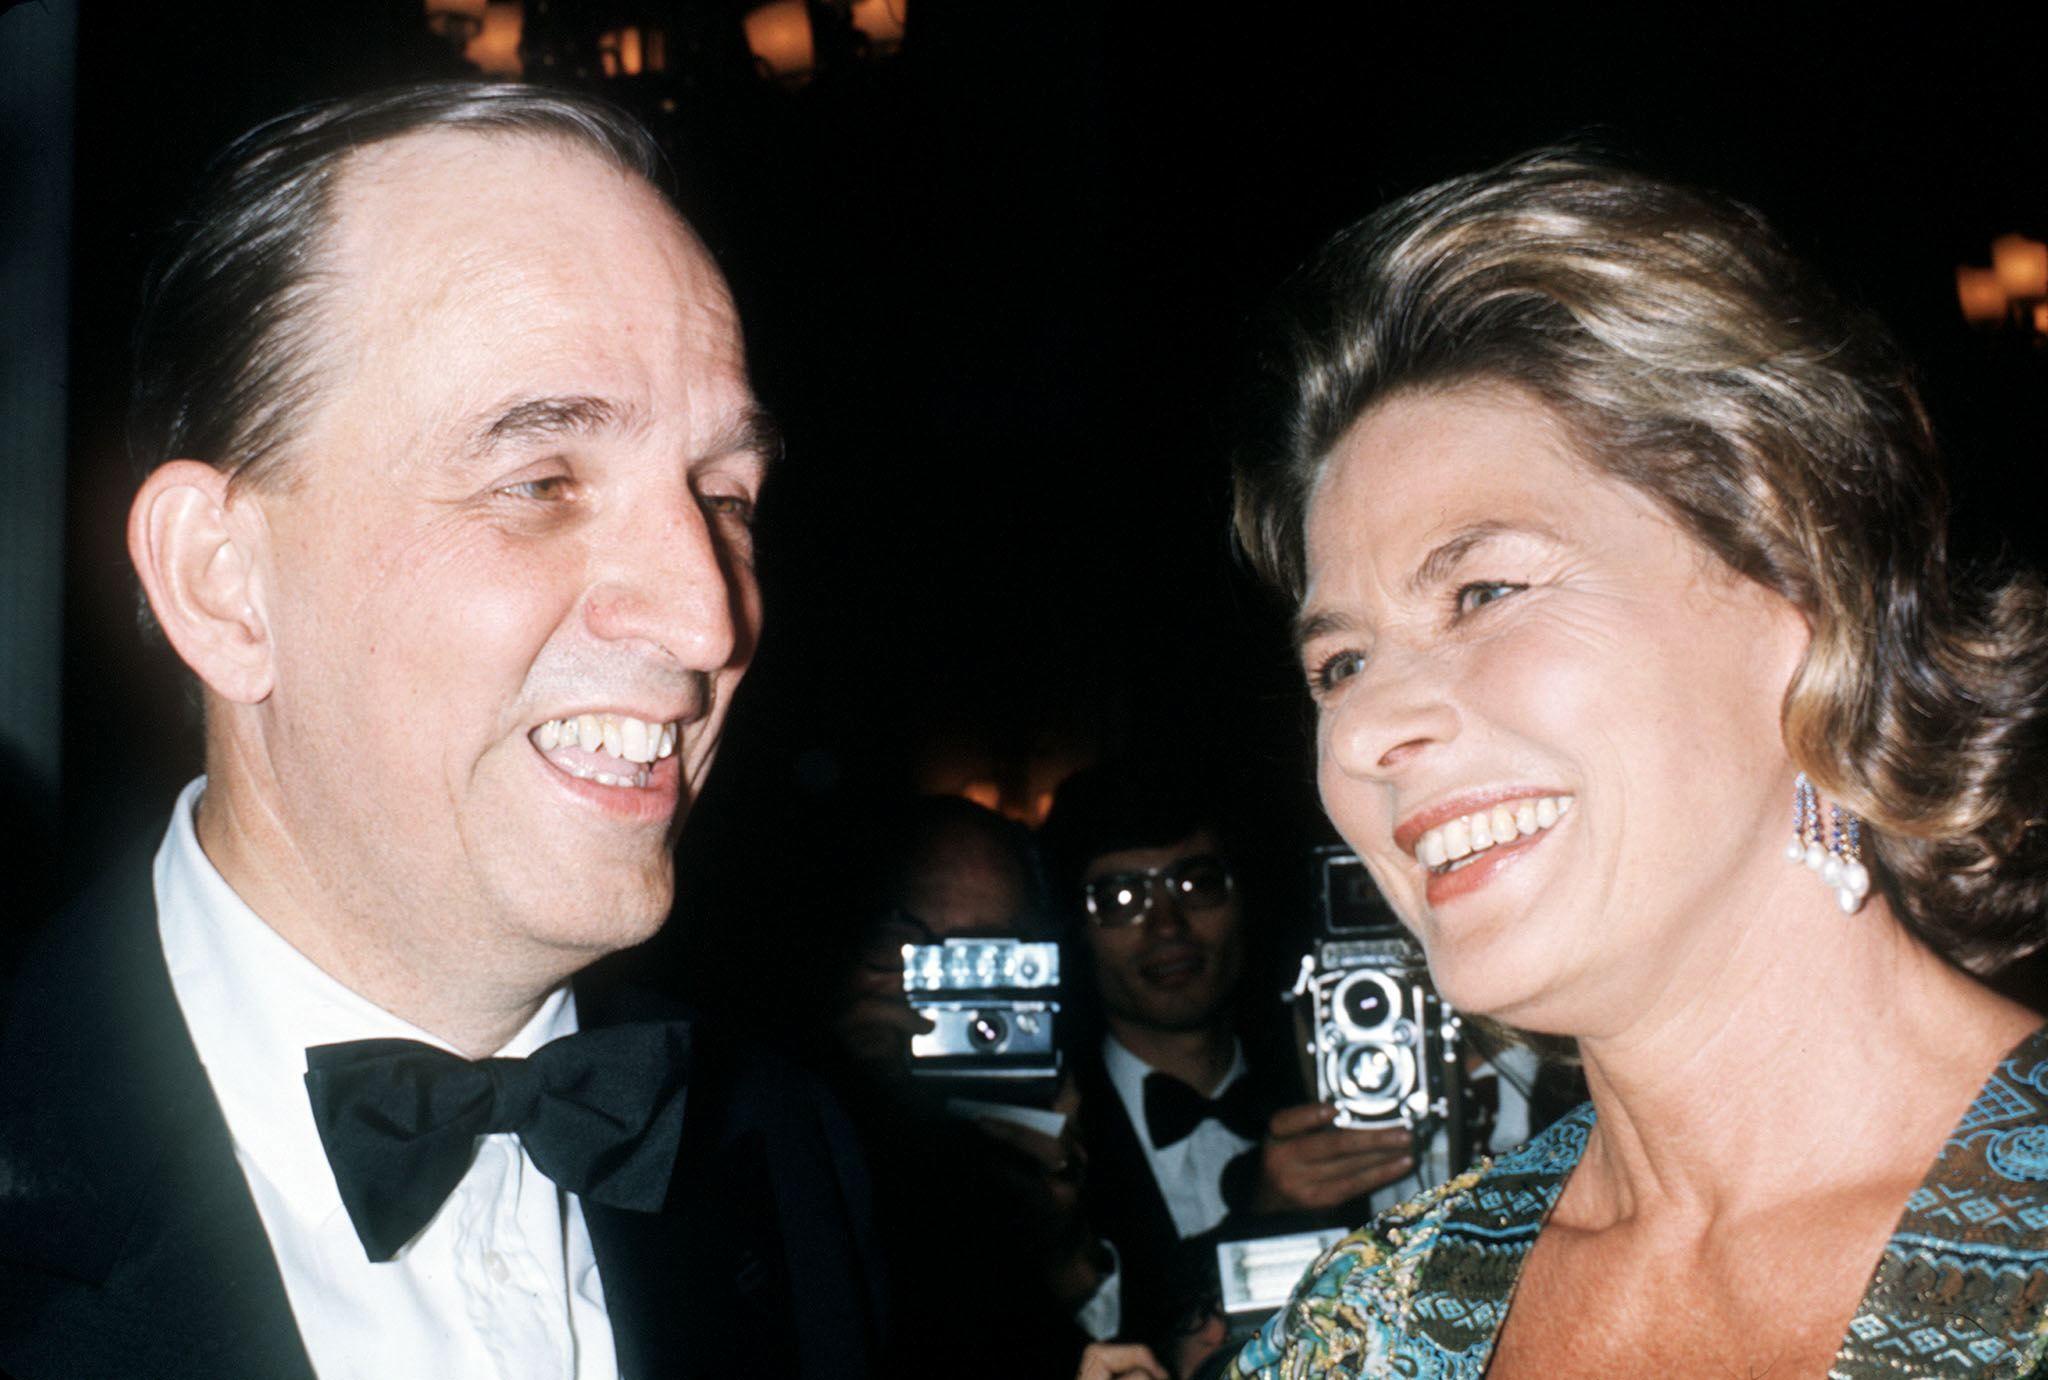 導演Ingmar Bergman與同樣來自瑞典的國寶級女星Ingrid Bergman,在1973年的坎城影展同框留影。